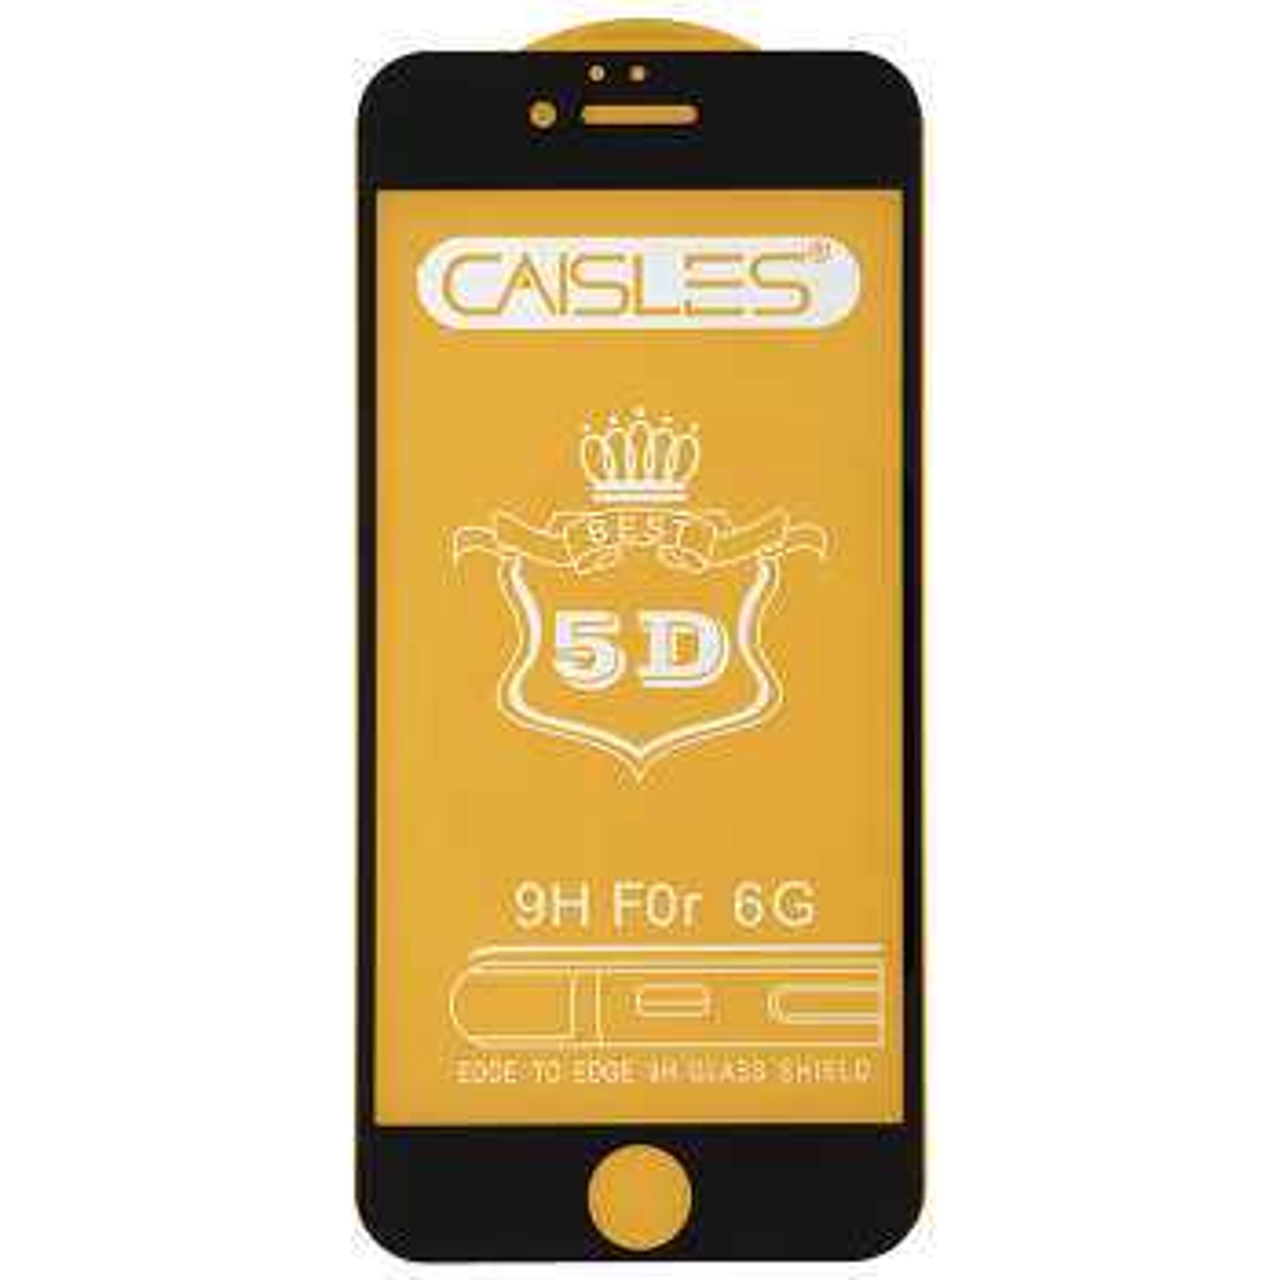 گلس محافظ صفحه نمایش مدل CAISLES مناسب برای گوشی موبایل اپل iPhone 6G/S